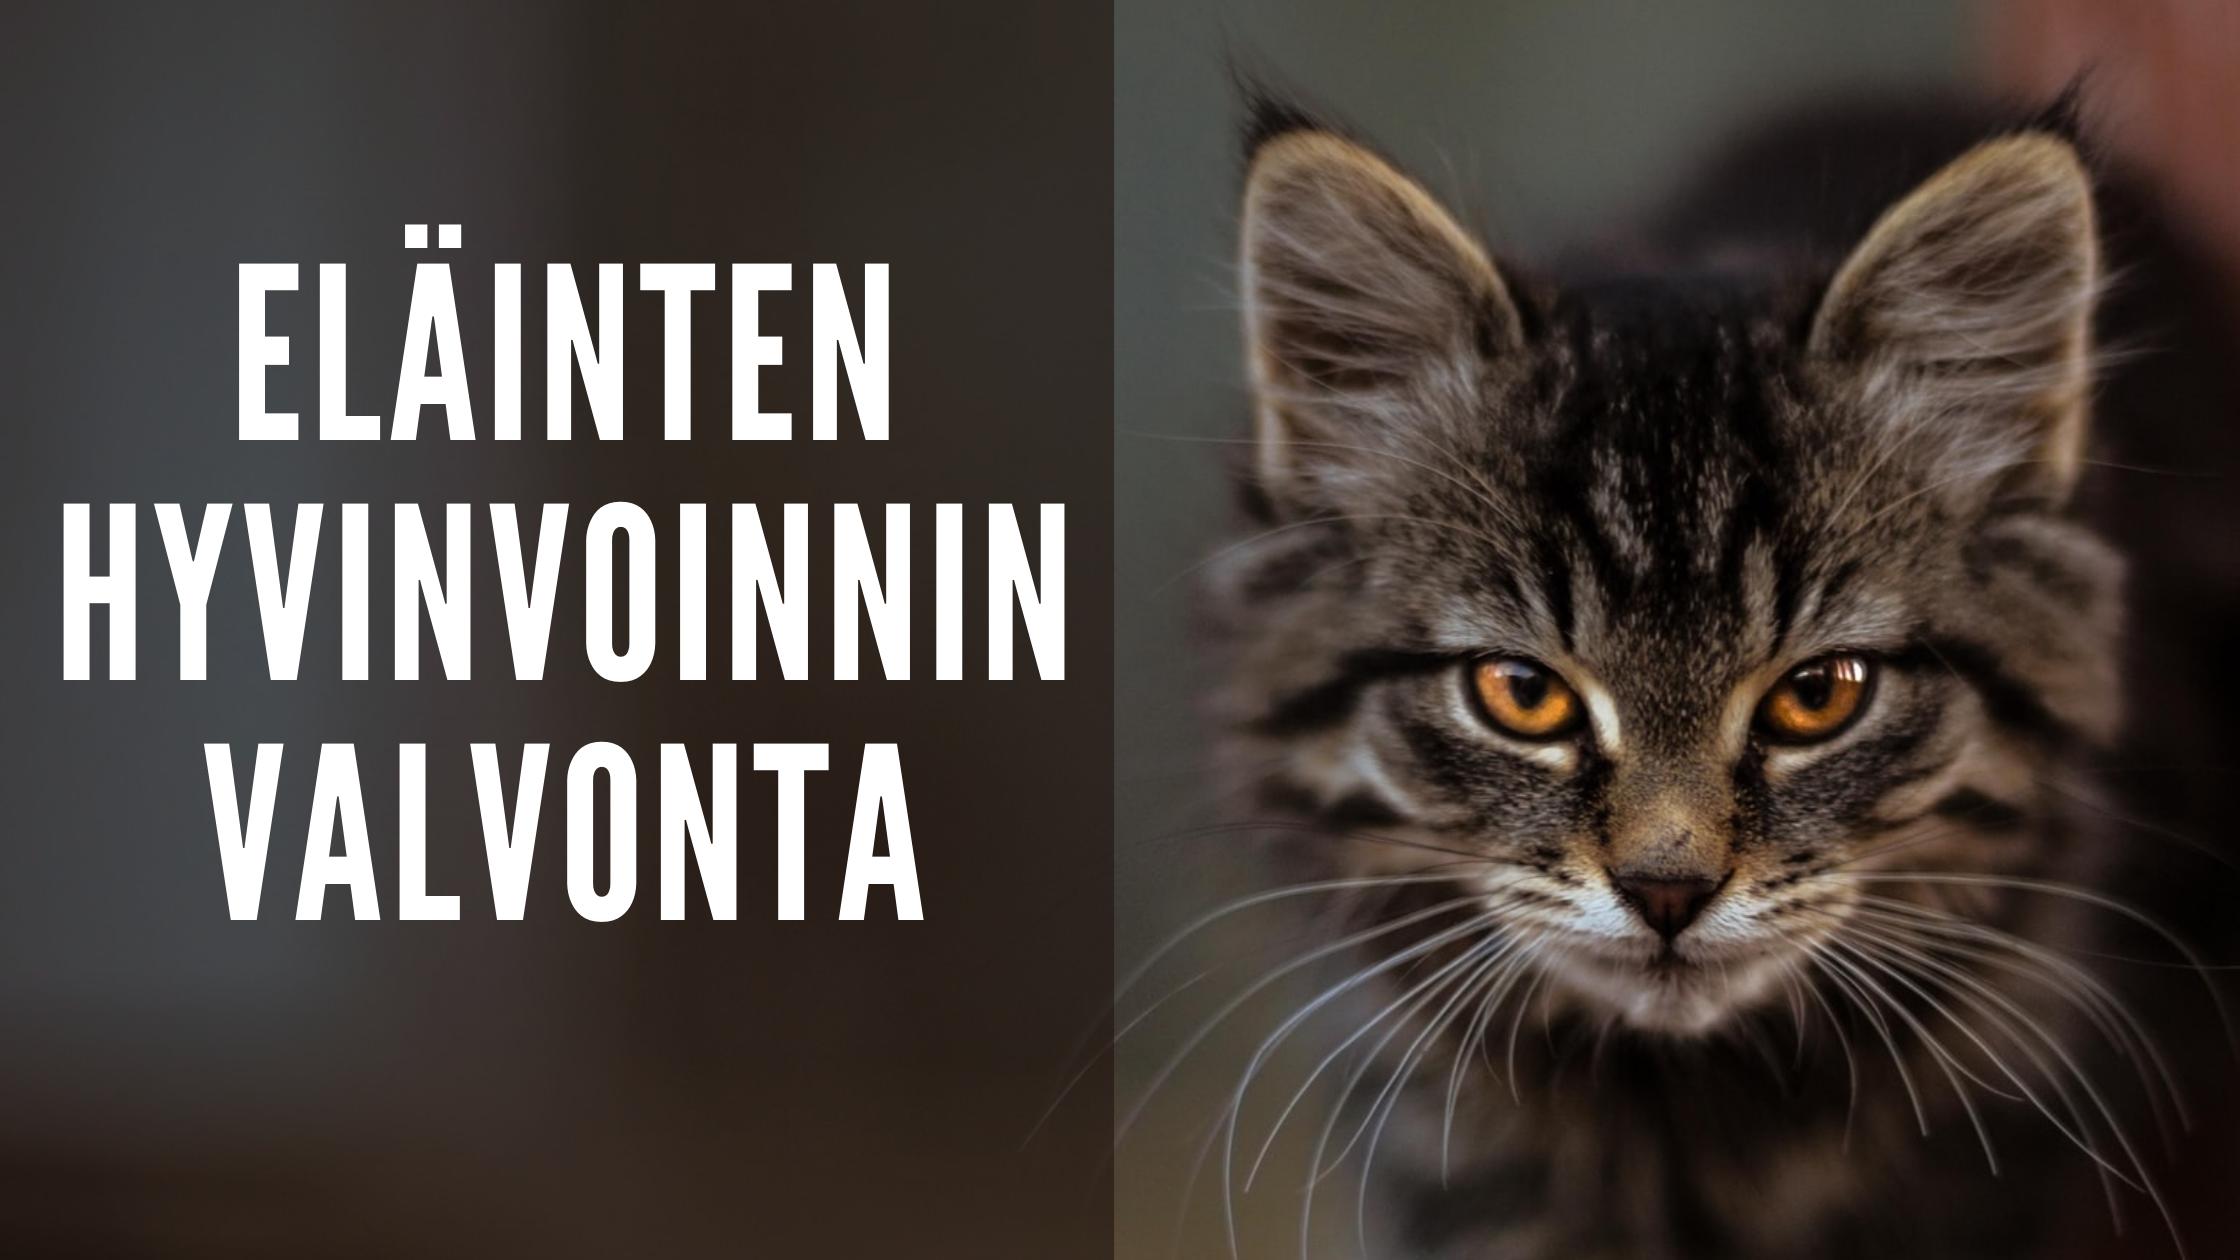 eläinten hyvinvoinnin valvonta; kuvassa kissa